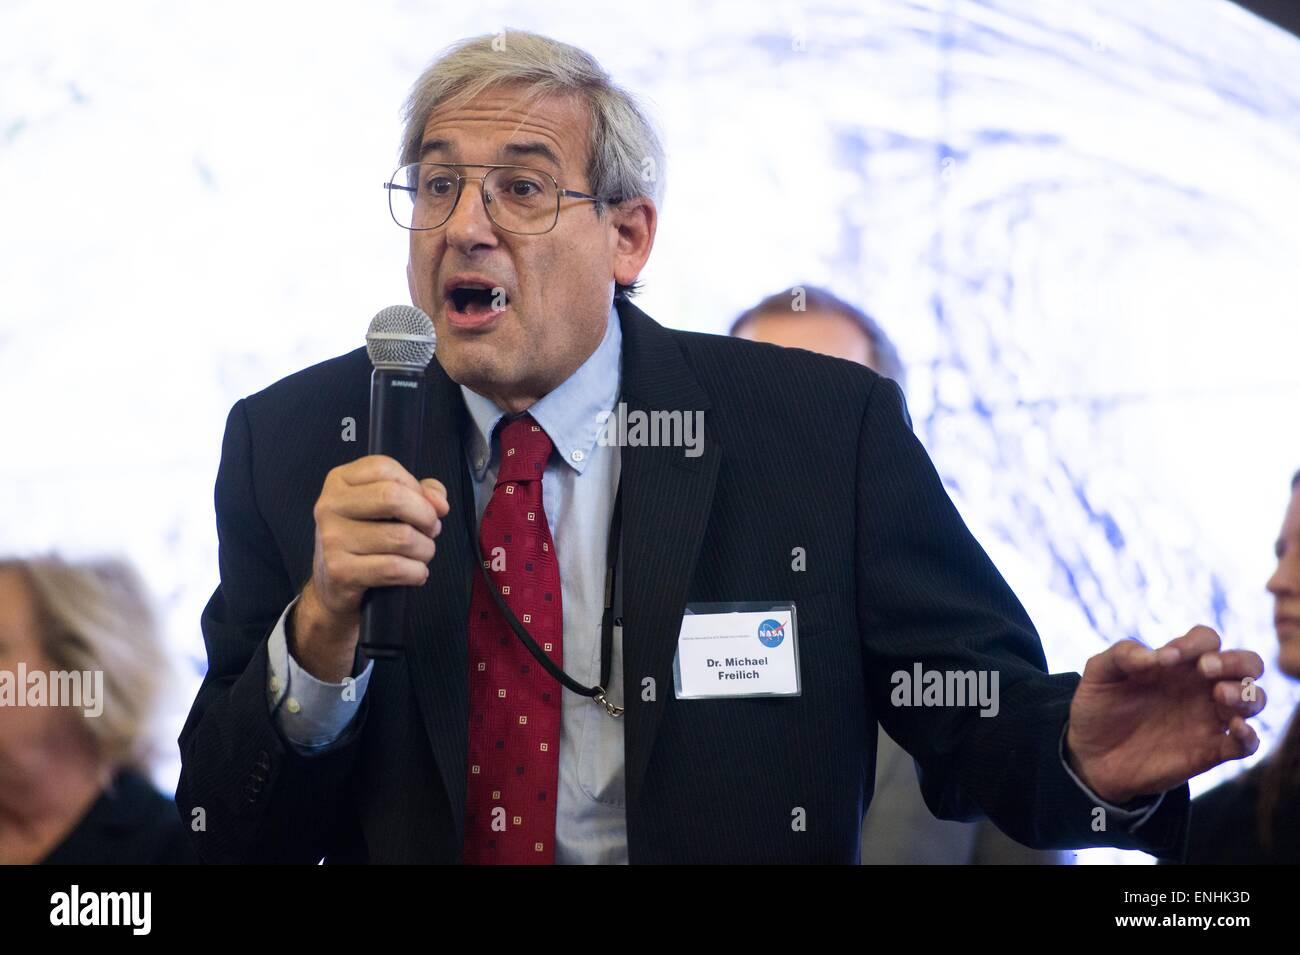 Direttore della NASA di scienza della terra il dottor Michael Freilich parla durante un giorno di terra evento presso Immagini Stock